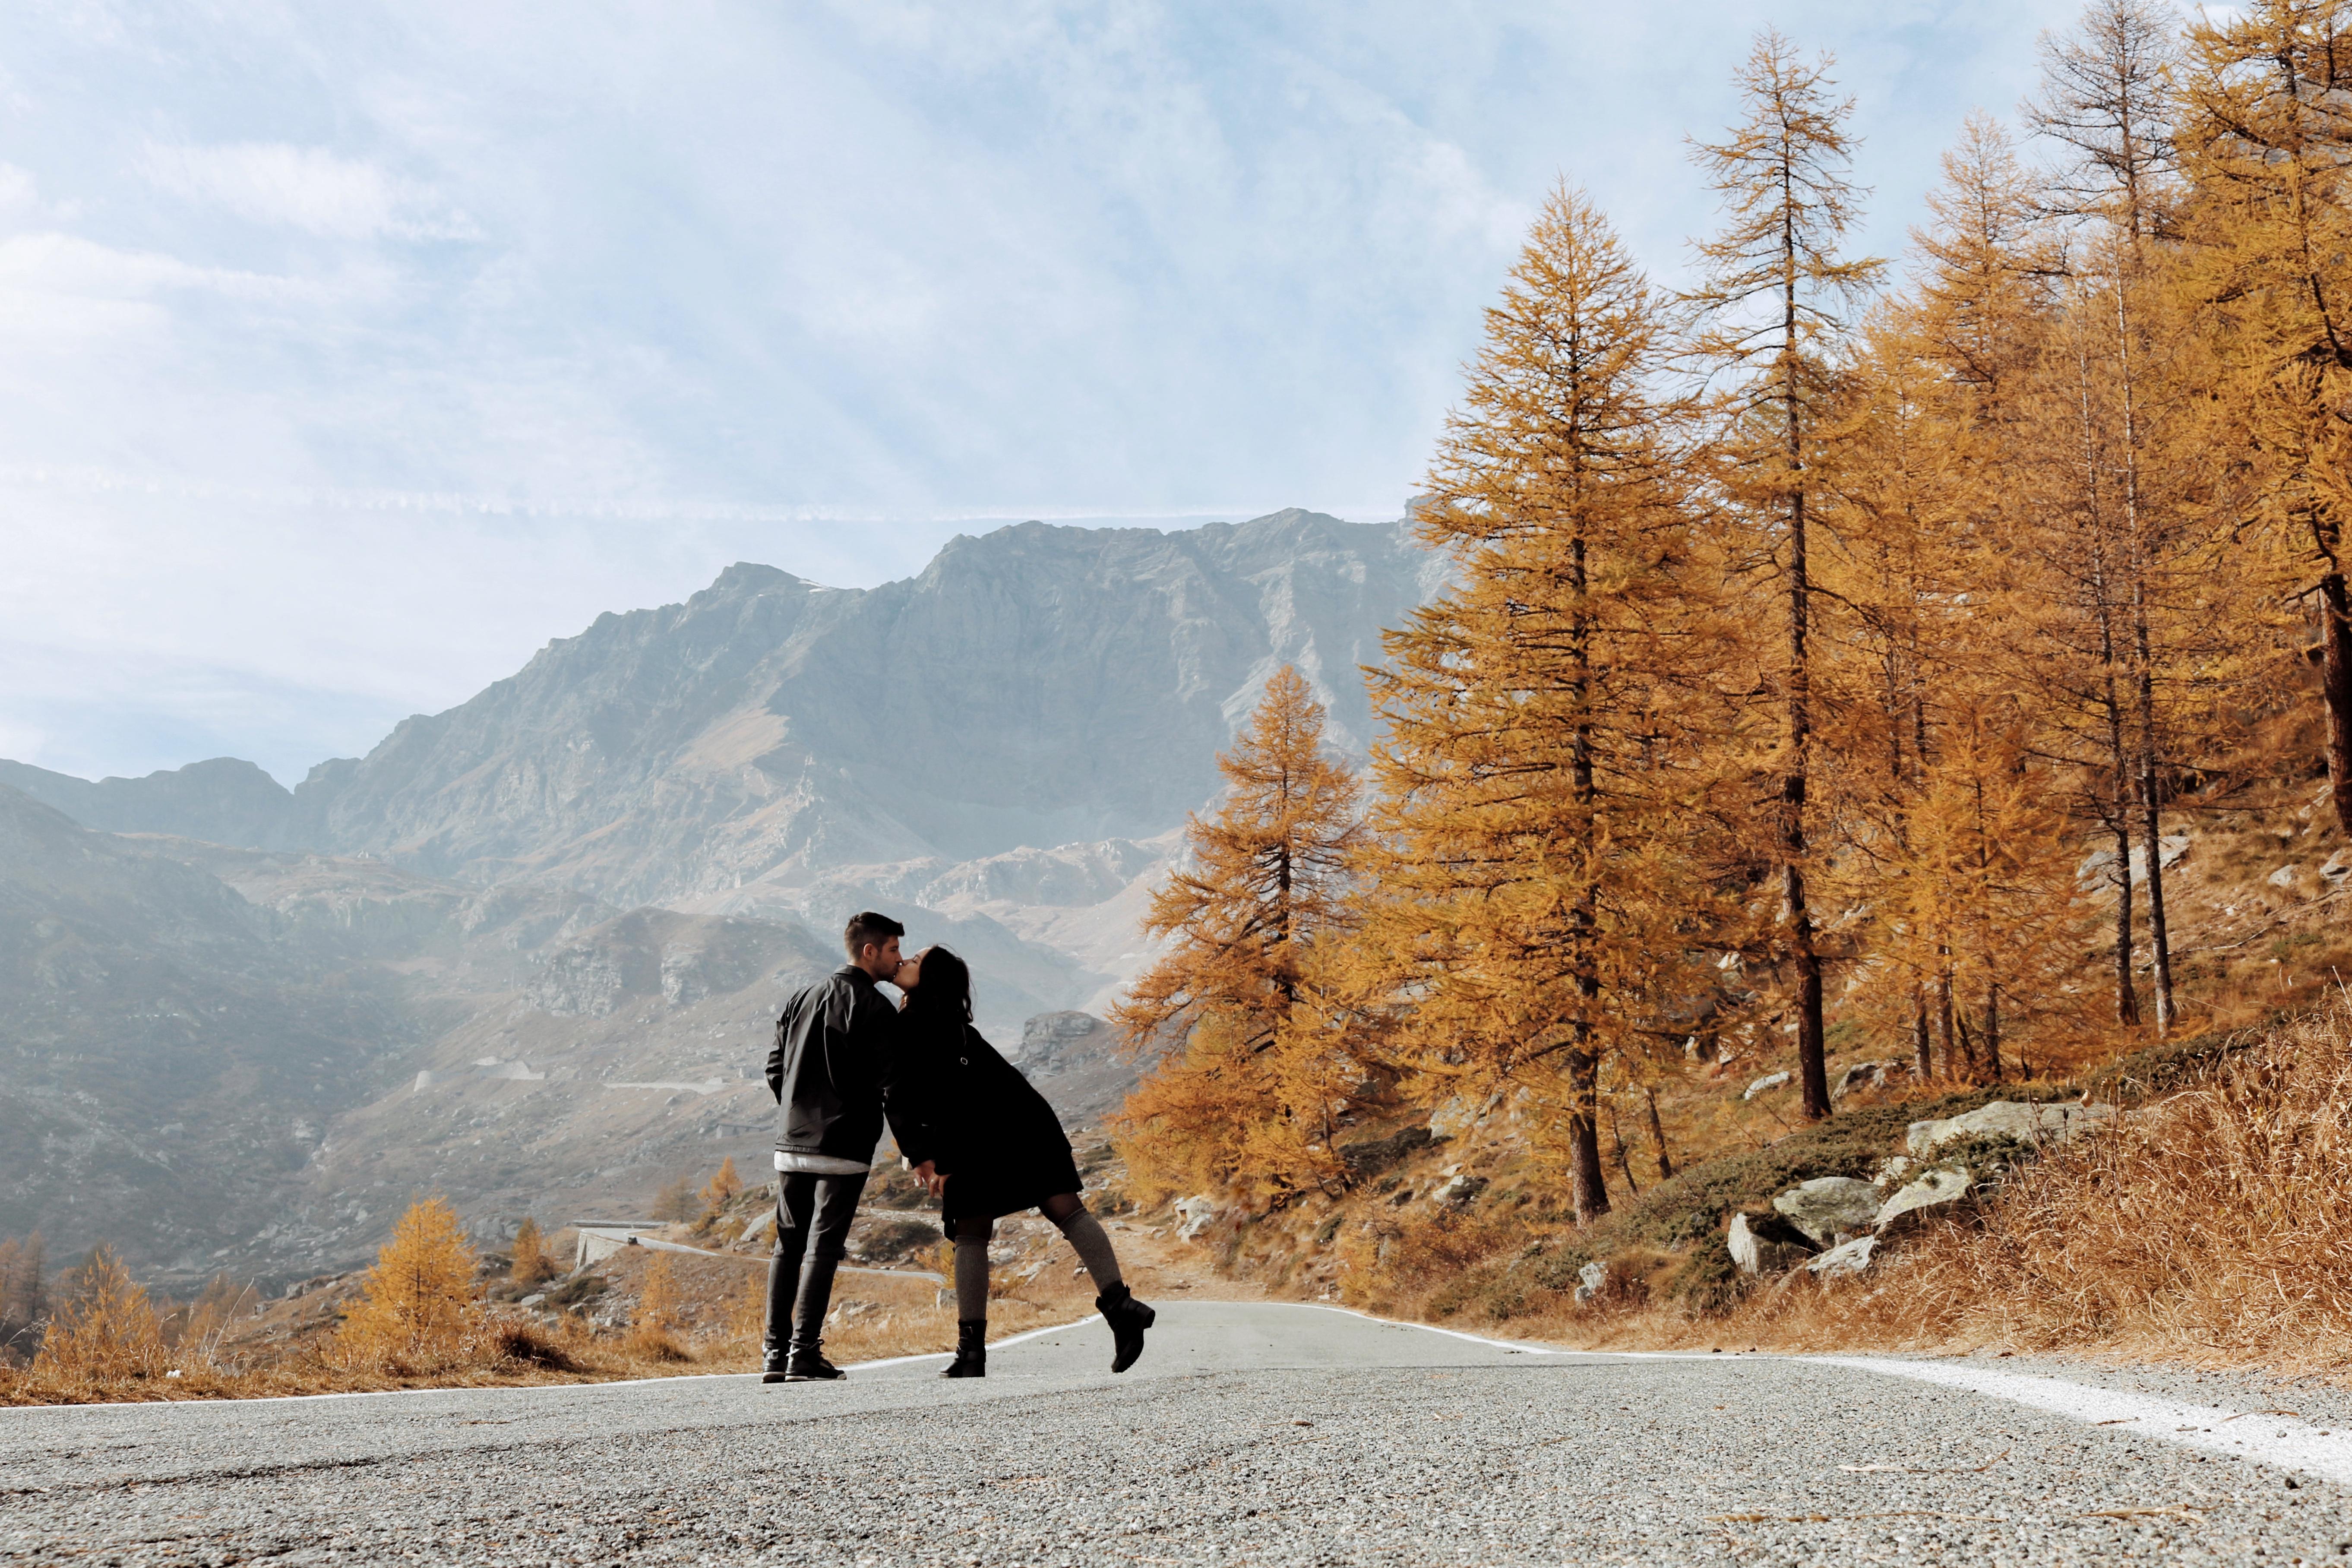 LandOutriders – Un weekend ai piedi del Parco Nazionale del Gran Paradiso con Alessio Rivolta e Francesca Garavaglia | Collater.al 5